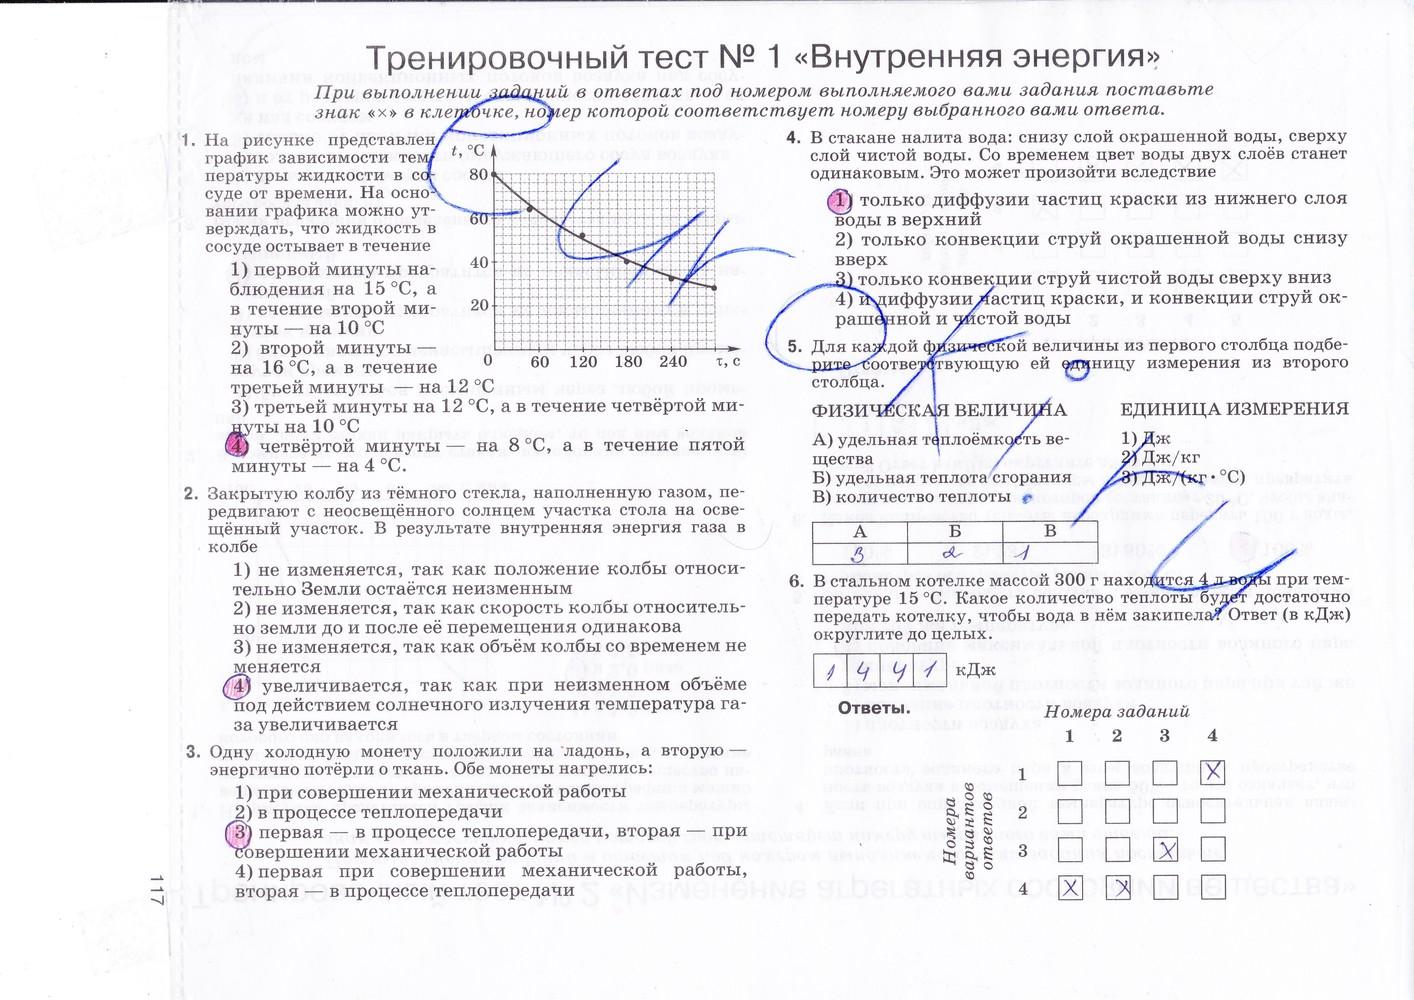 Гдз по физике к учебнику перышкина 10 класс